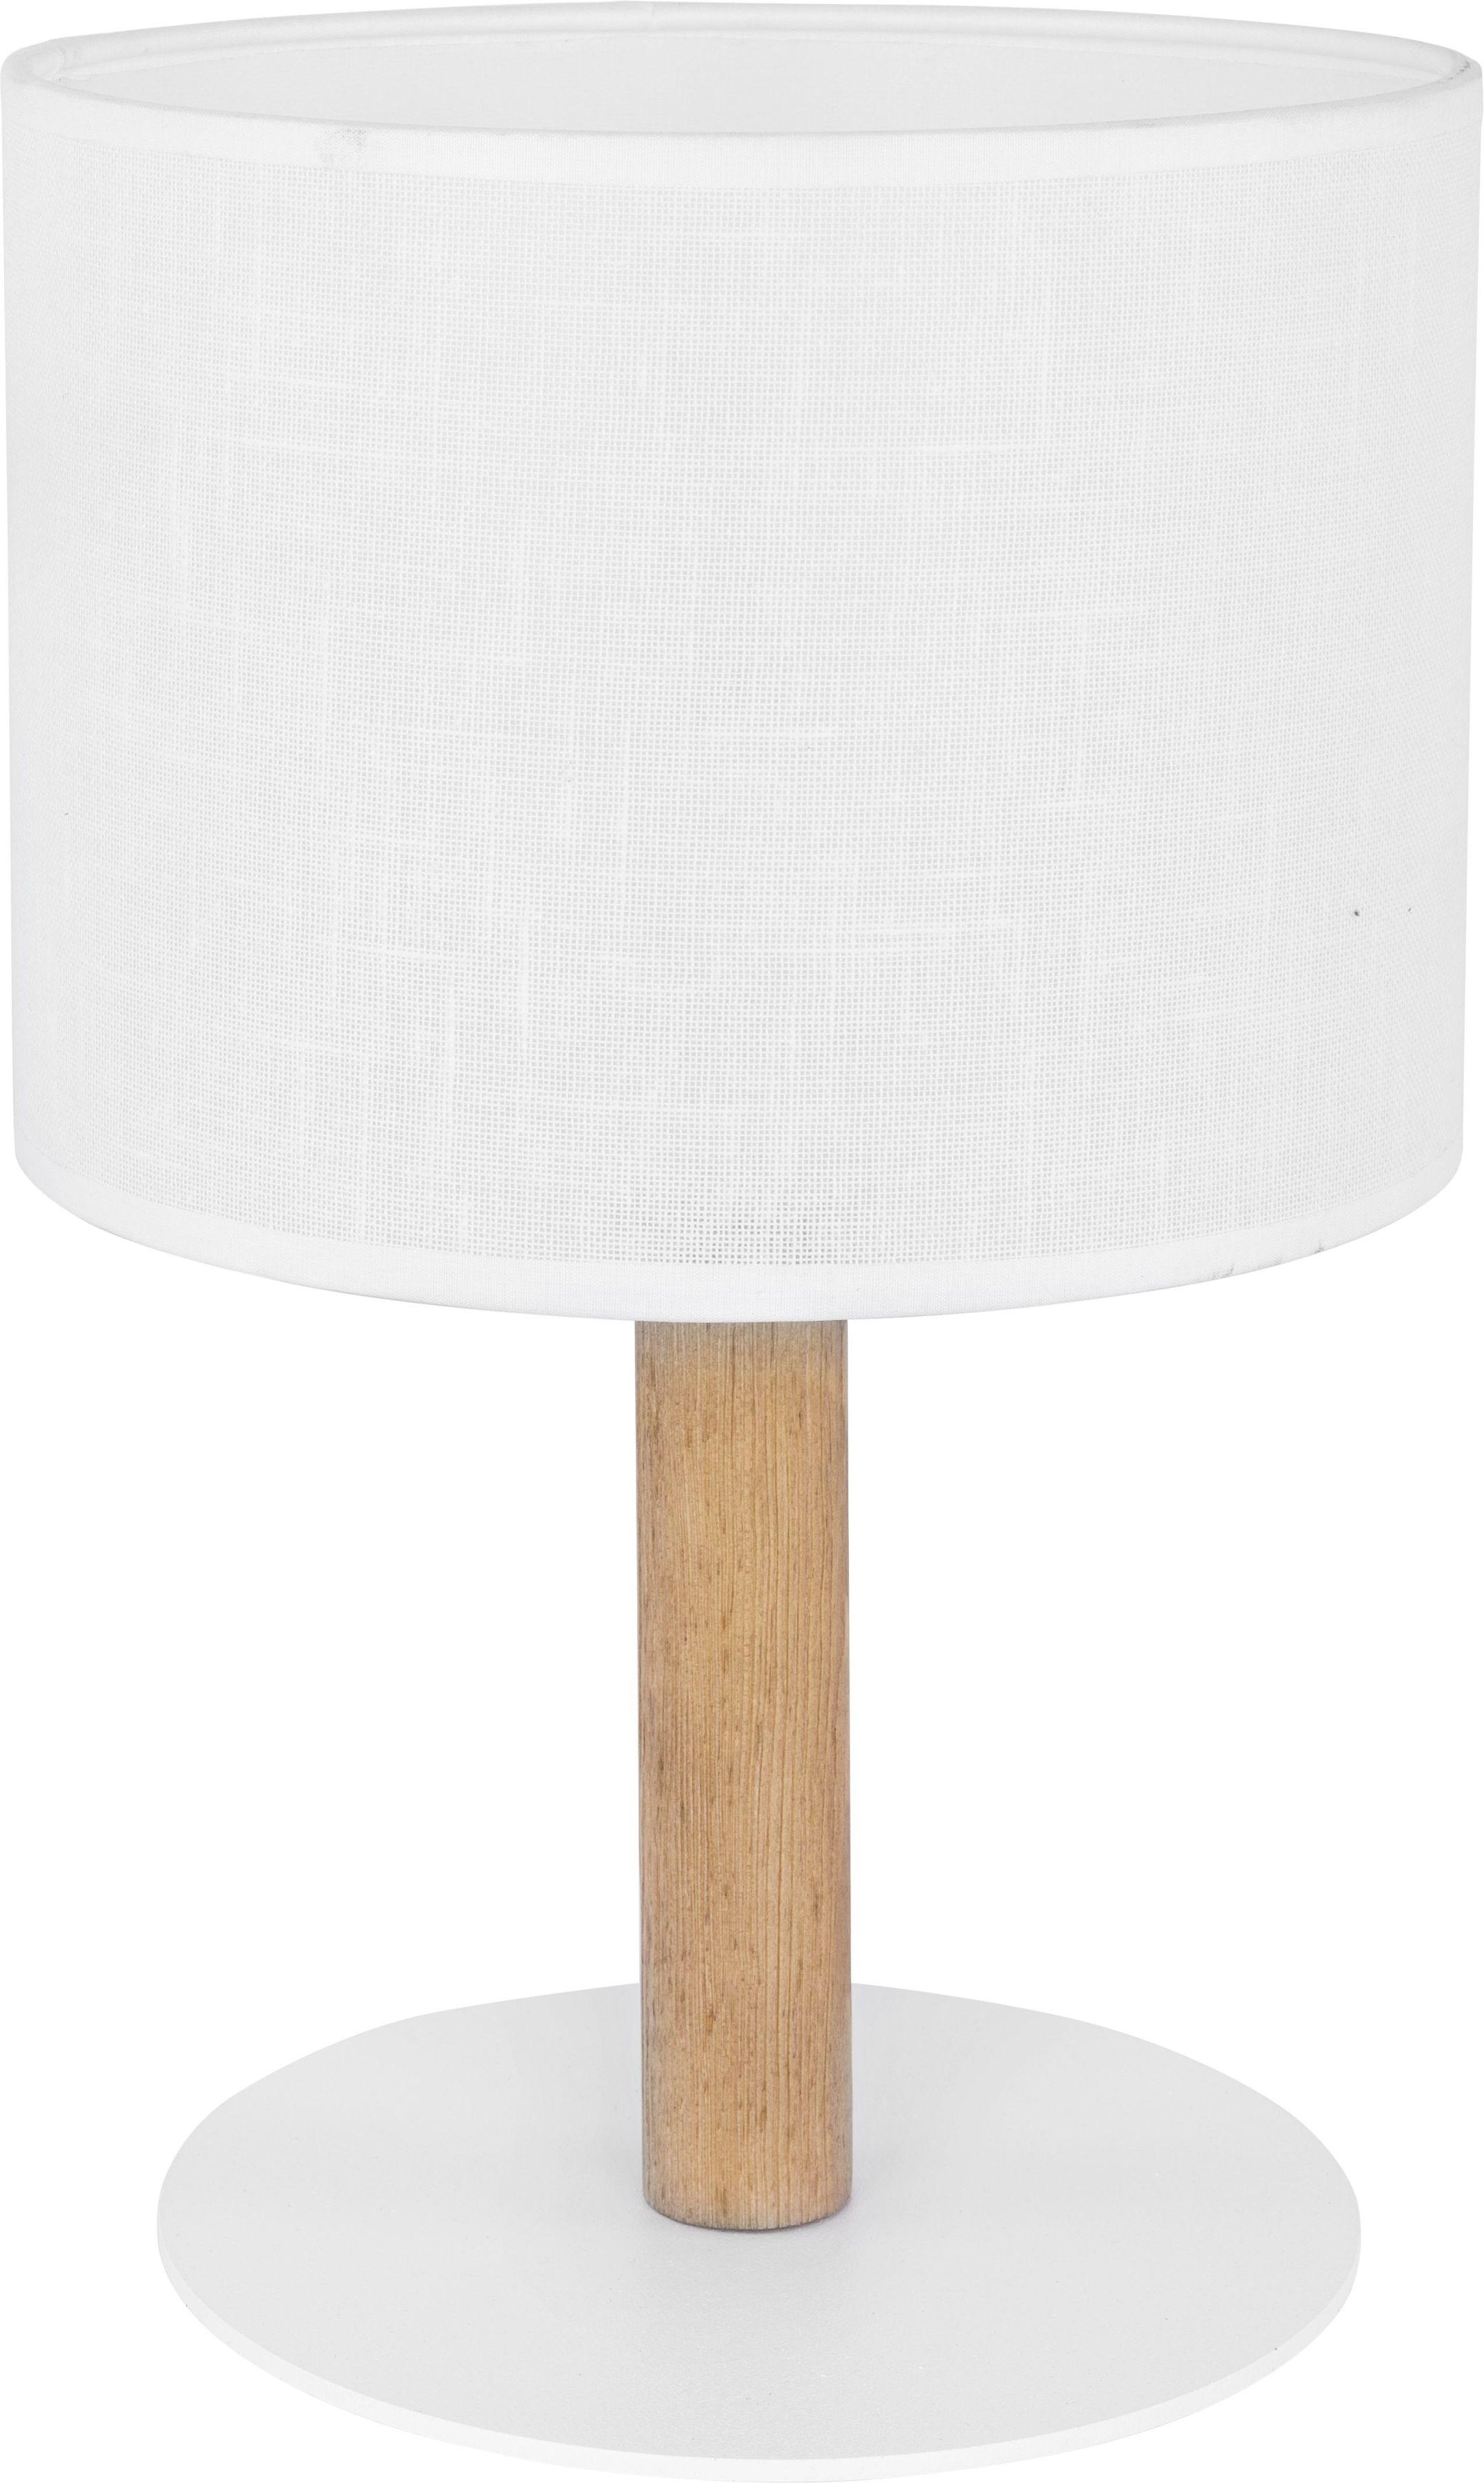 Lampka Deva White 1 punktowa biała z drewnem 5217 - TK Lighting Do -17% rabatu w koszyku i darmowa dostawa od 299zł !